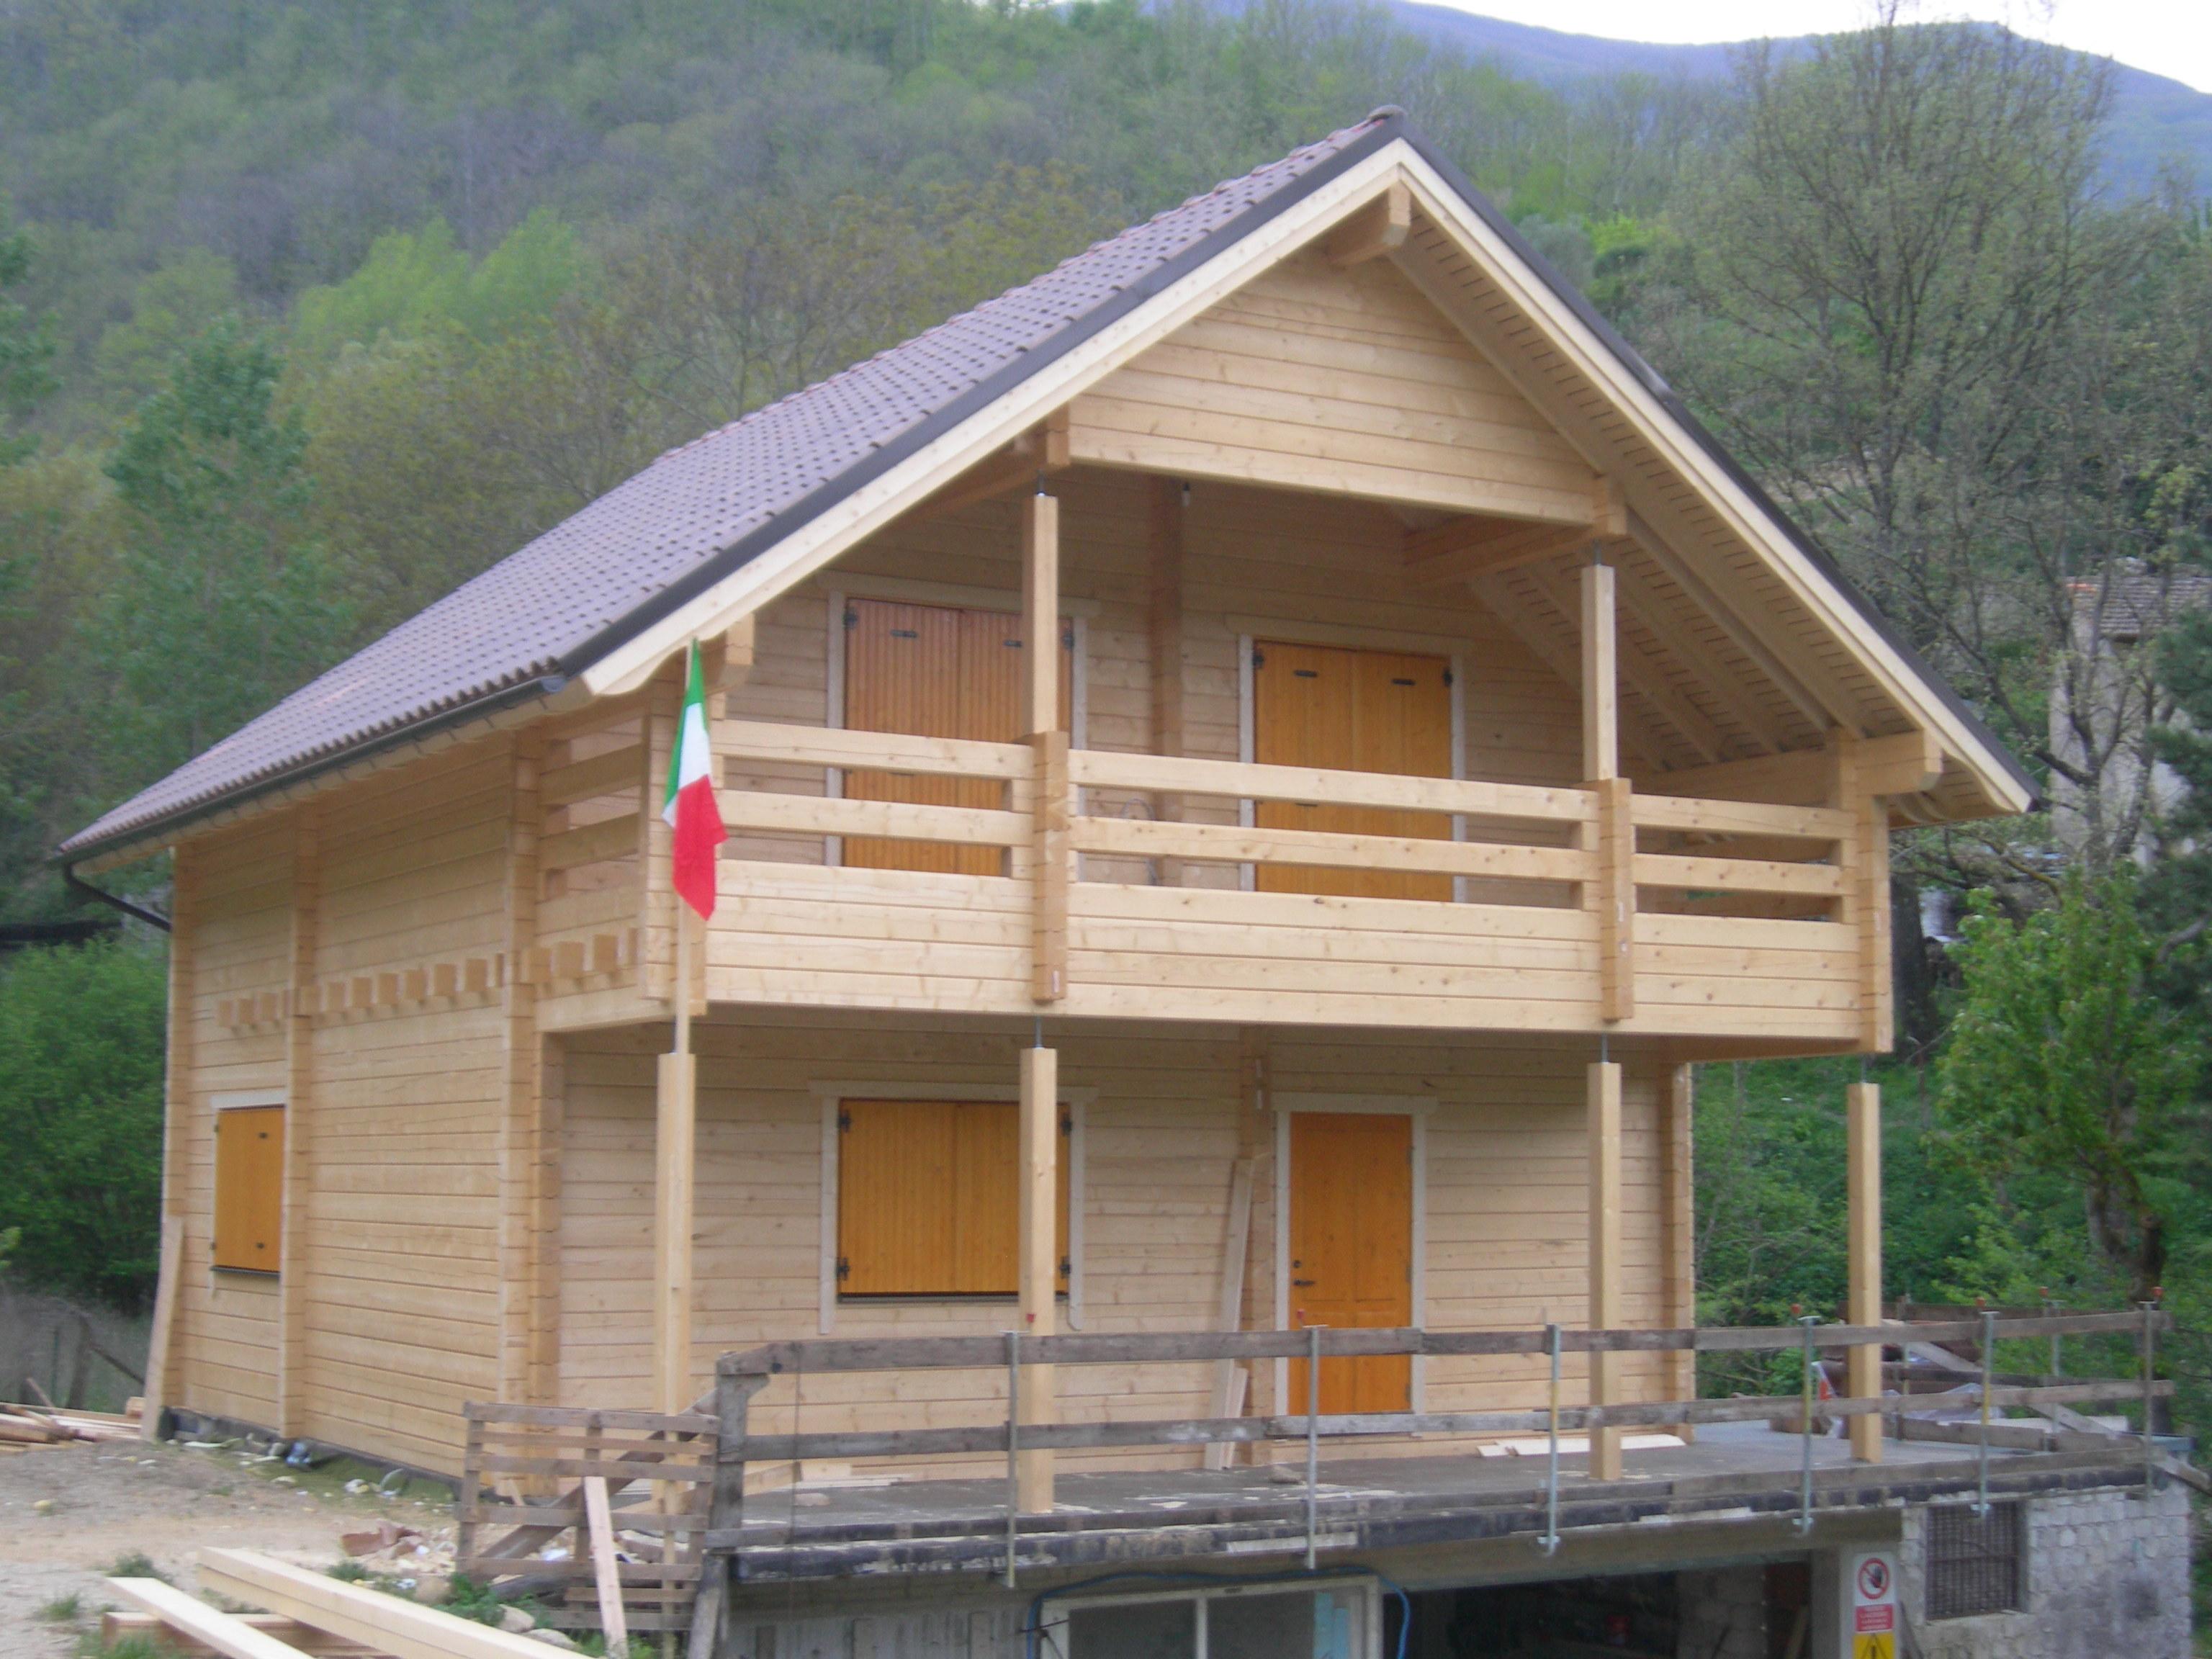 Case in legno in tronchi rotondi, in legno massiccio, in legno lamellare